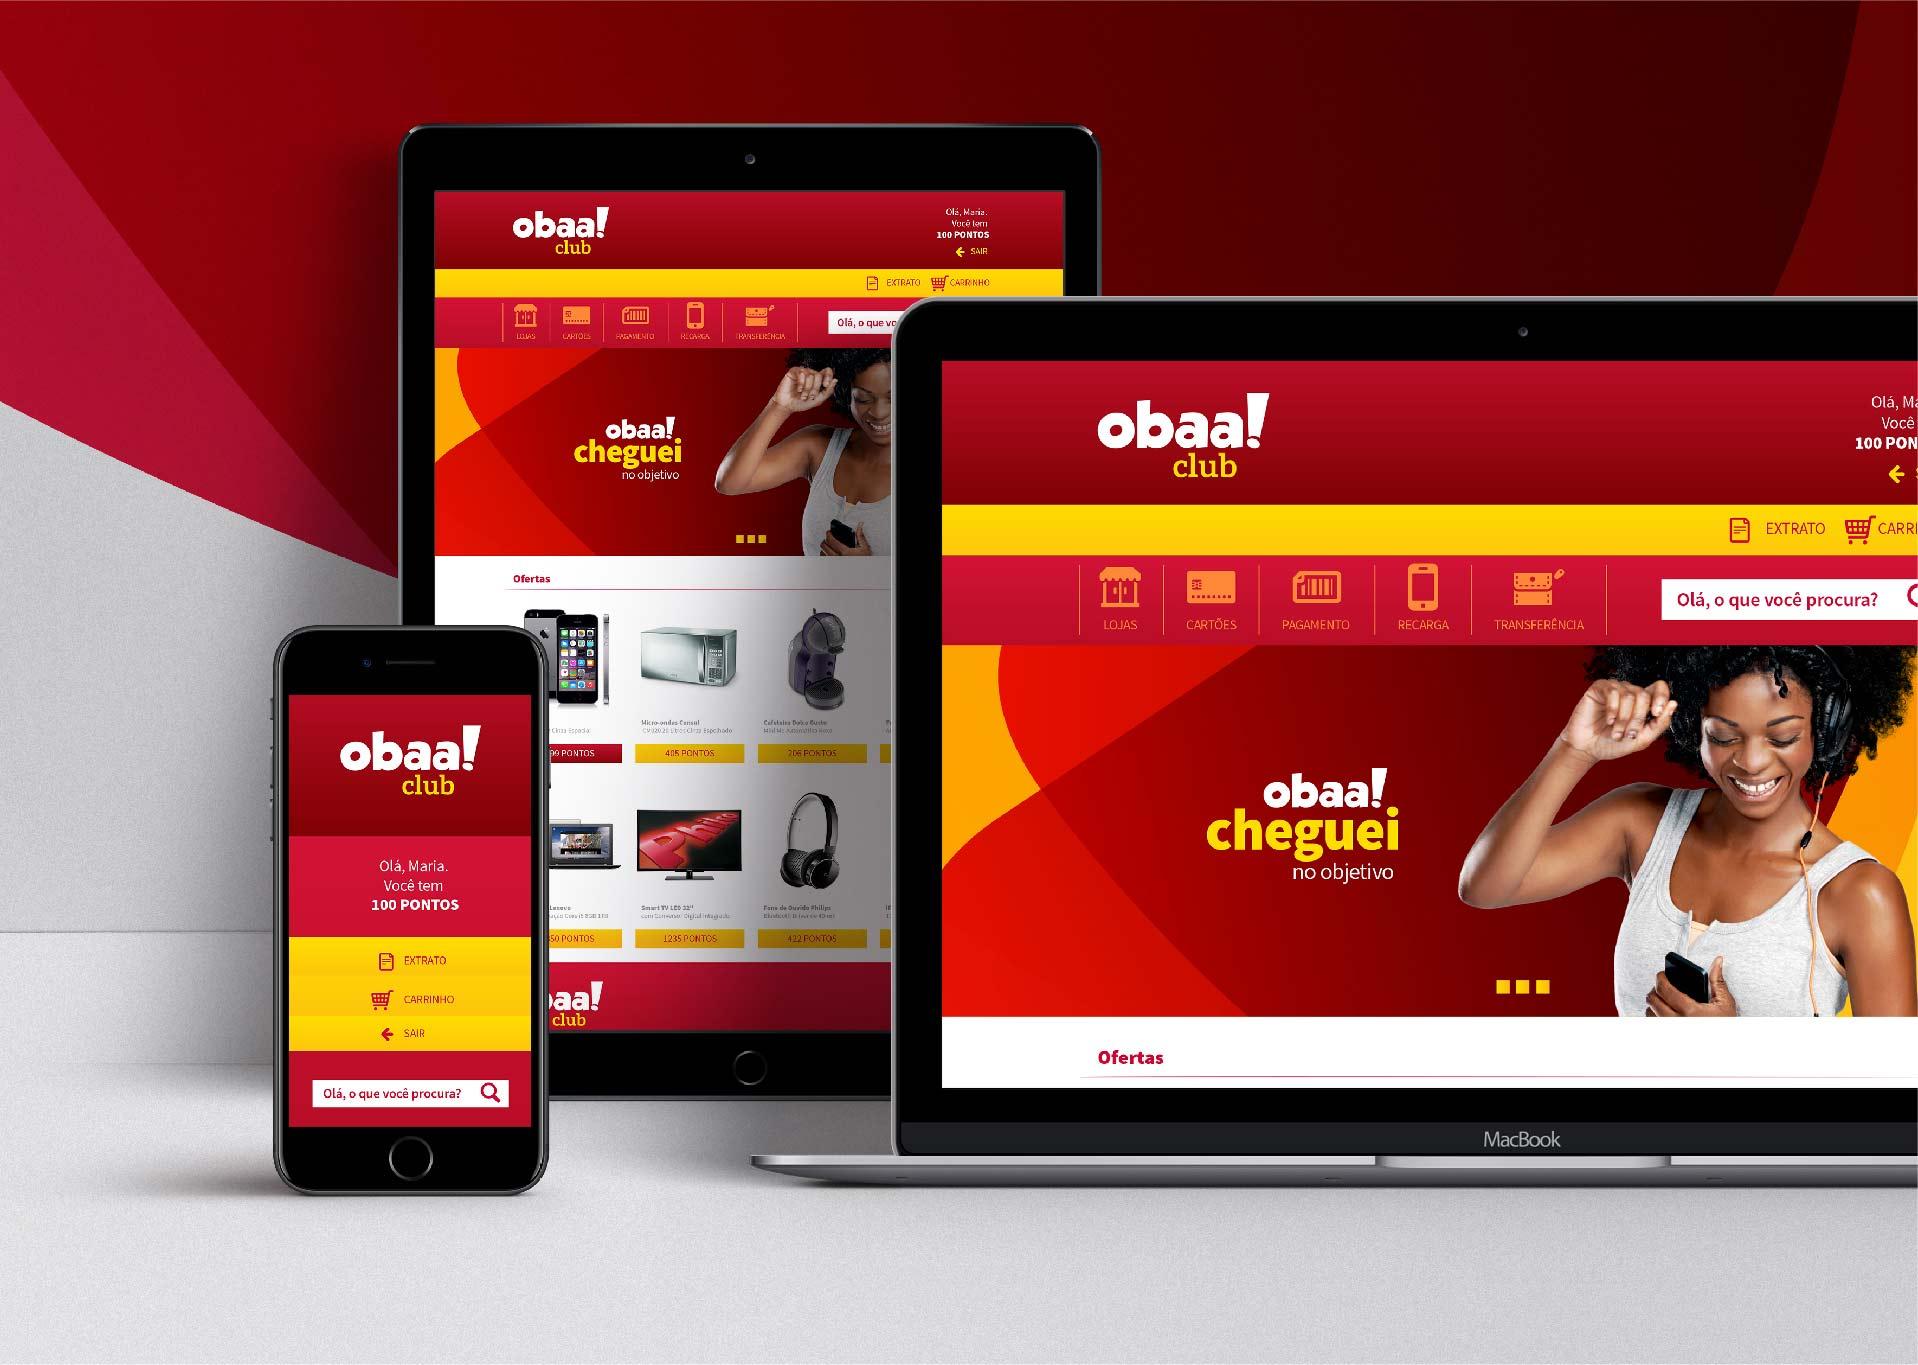 site-mobile-desktop-obaa-club.jpg